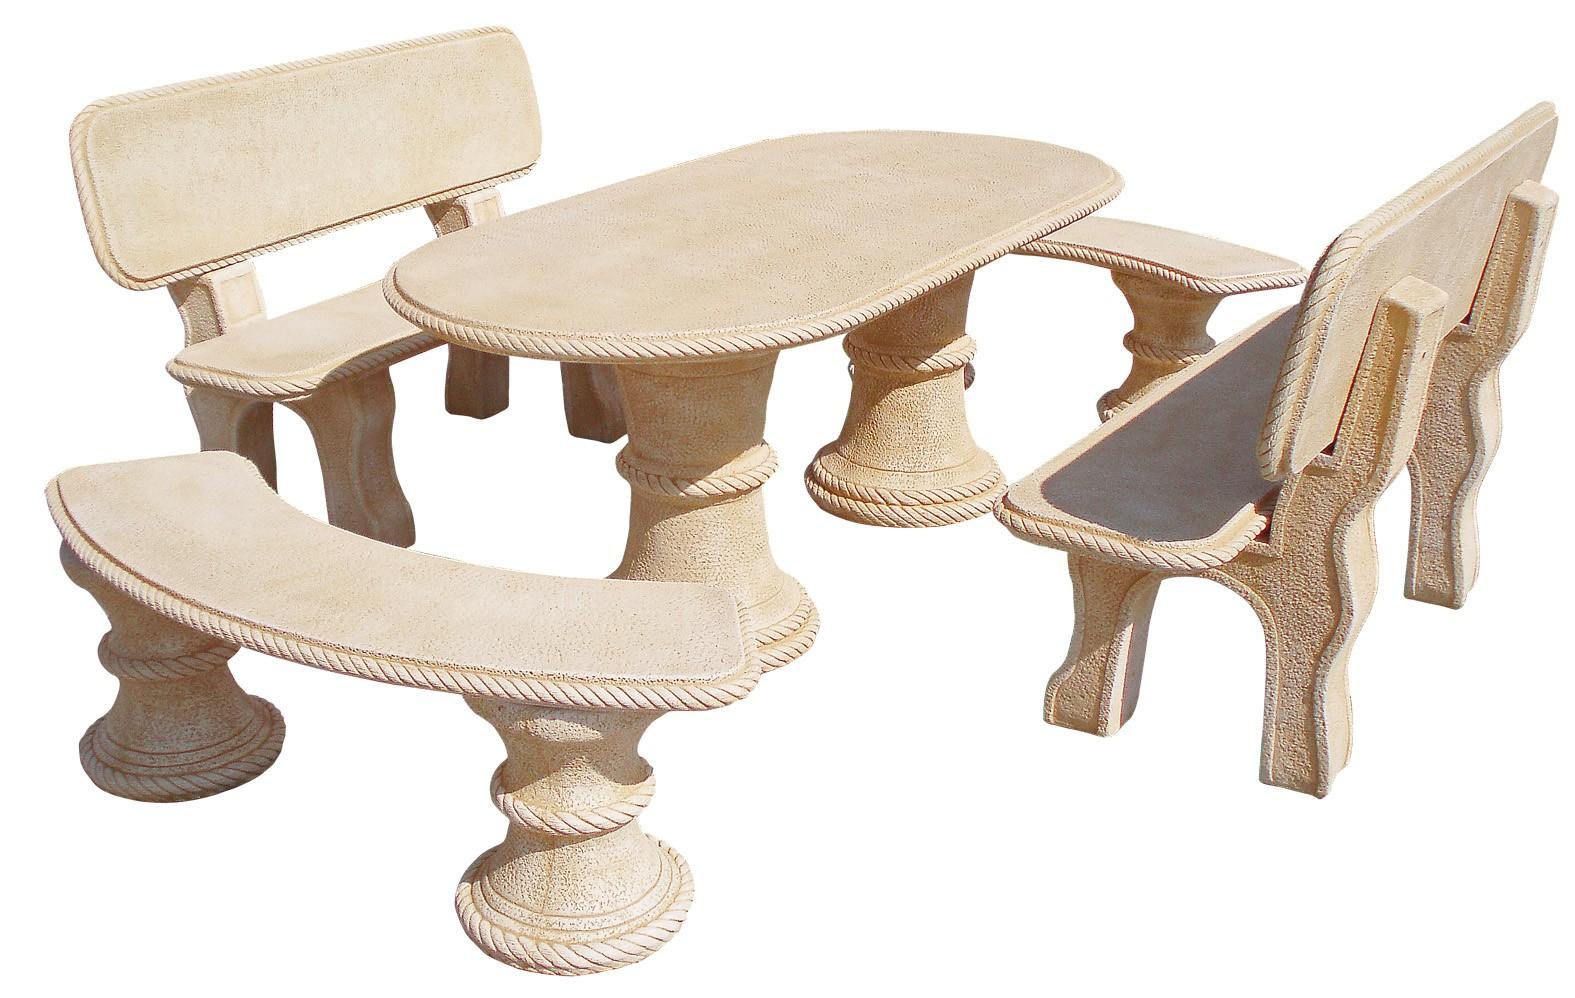 Mesa de jardin de piedra con 4 bancos modelo olmo natural for Bancos de granito para jardin